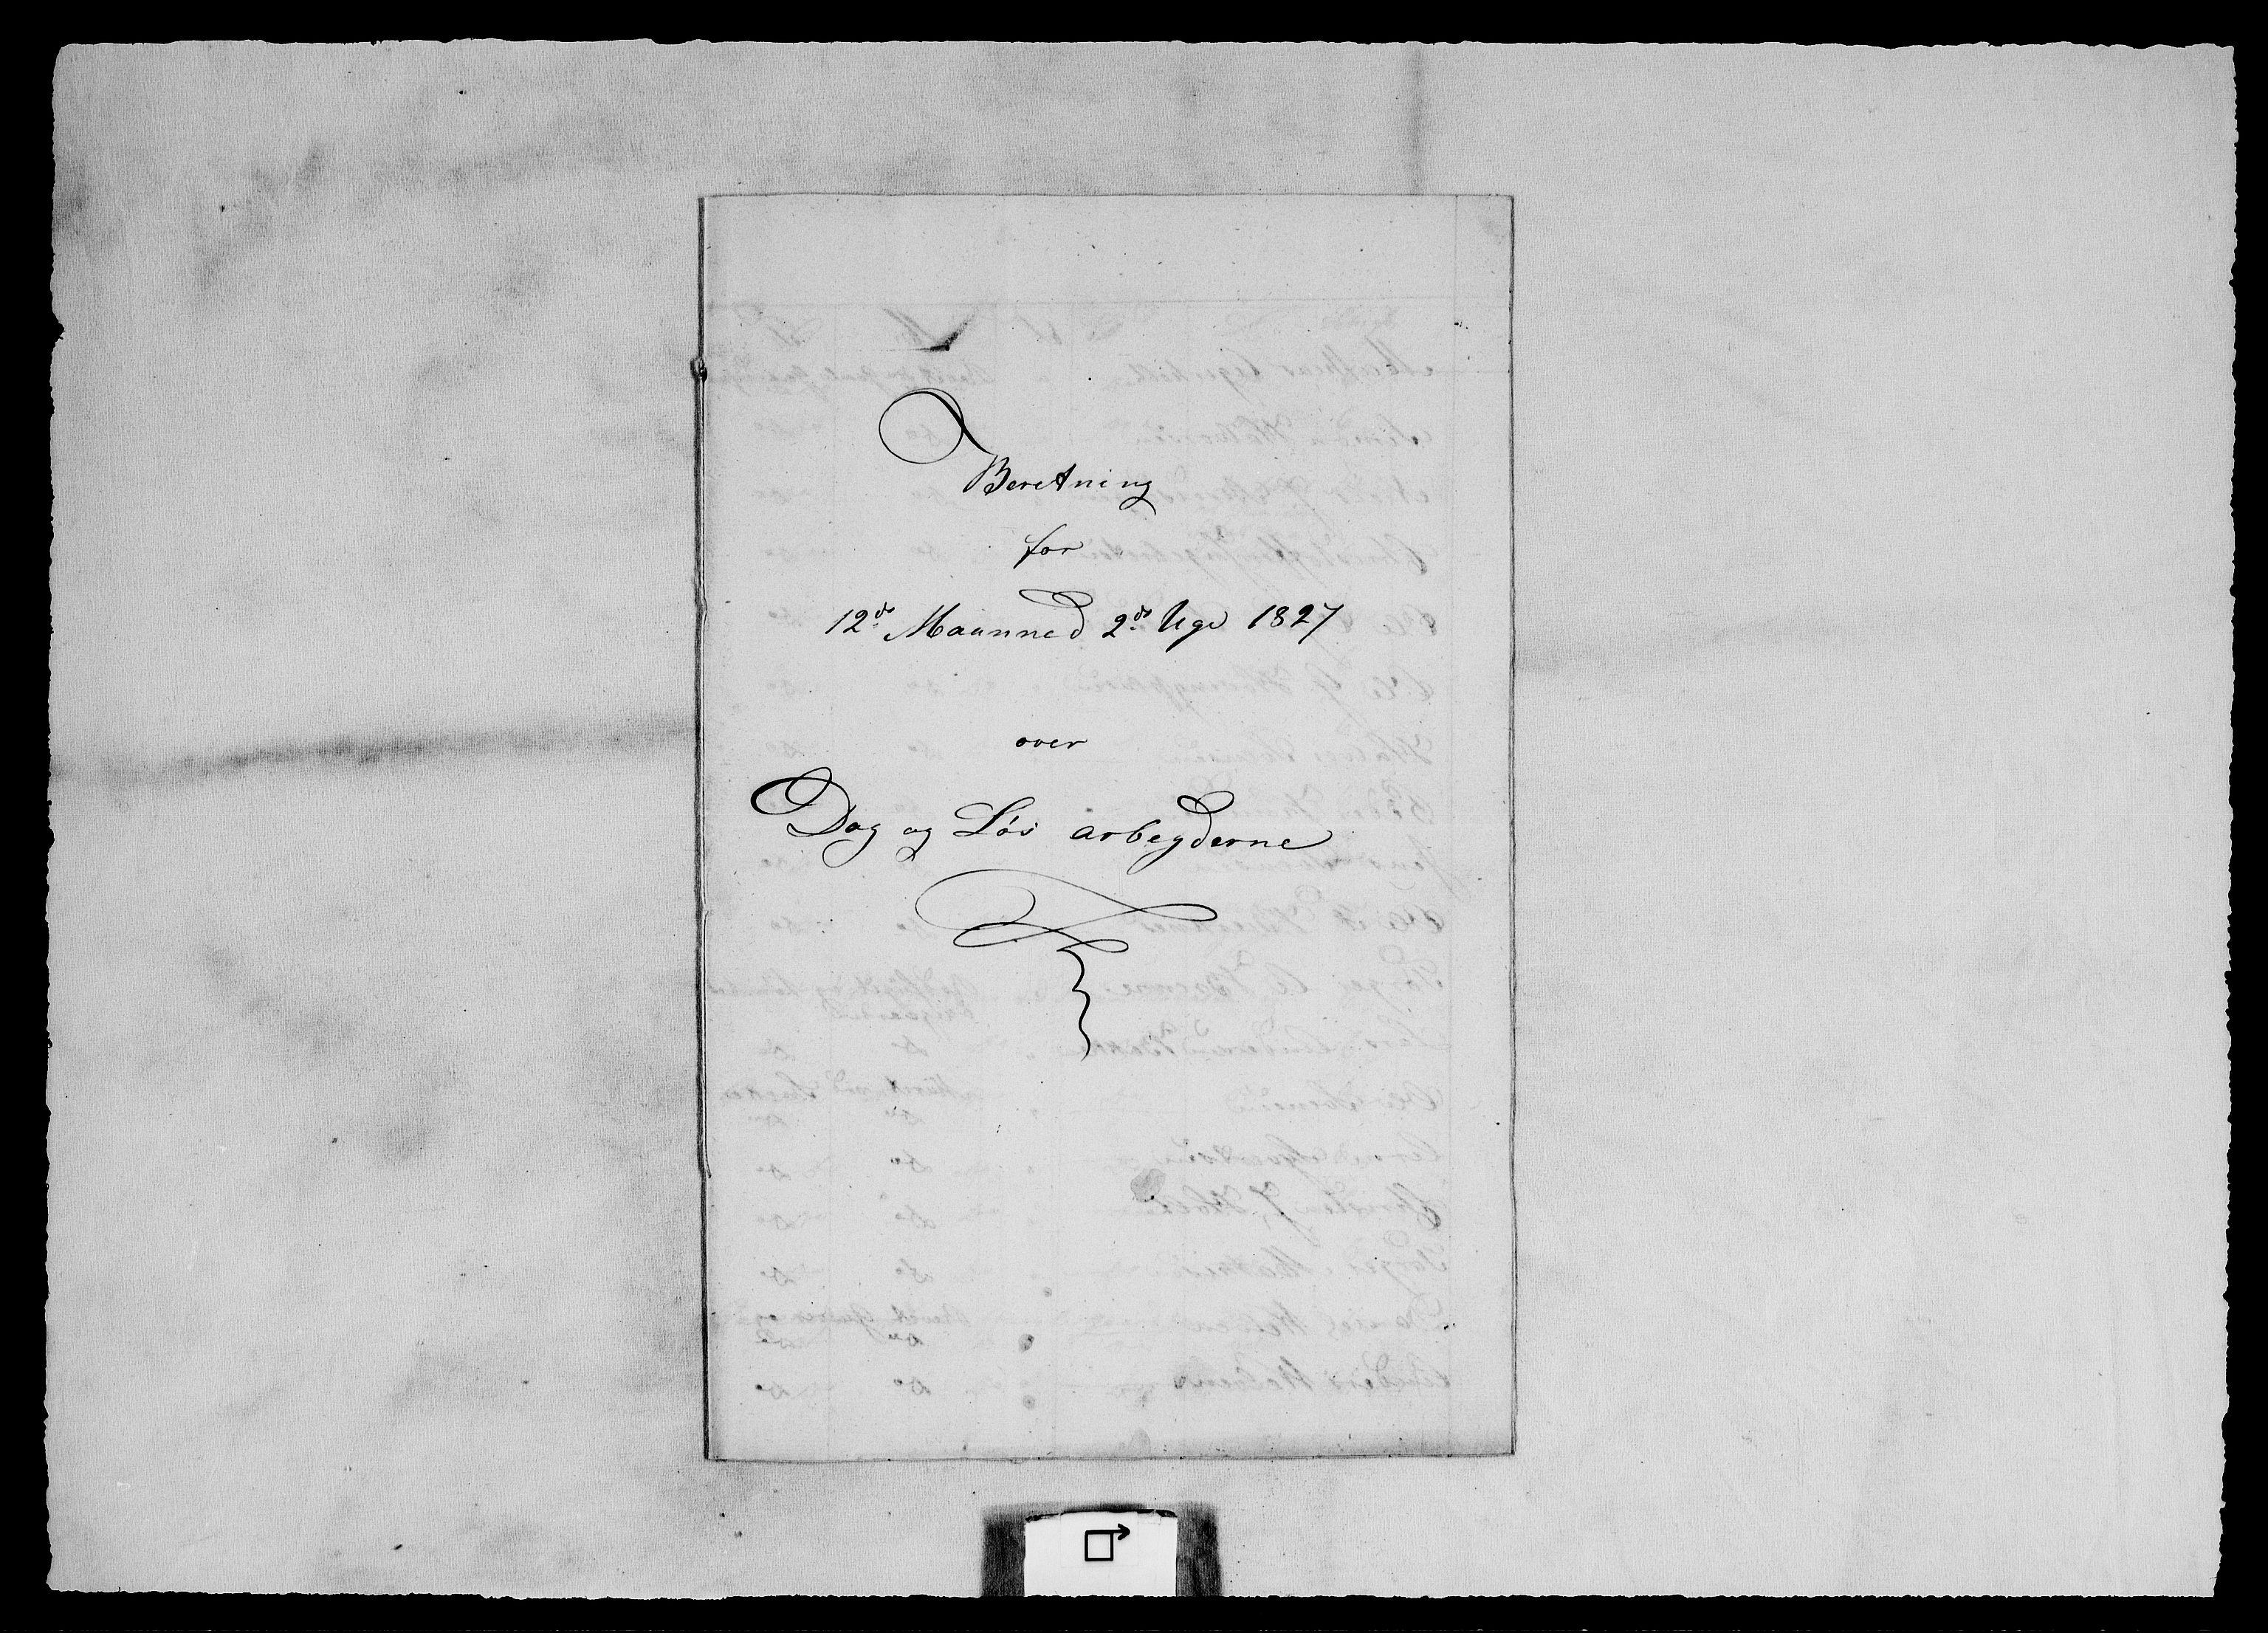 RA, Modums Blaafarveværk, G/Ge/L0364, 1827-1839, s. 2